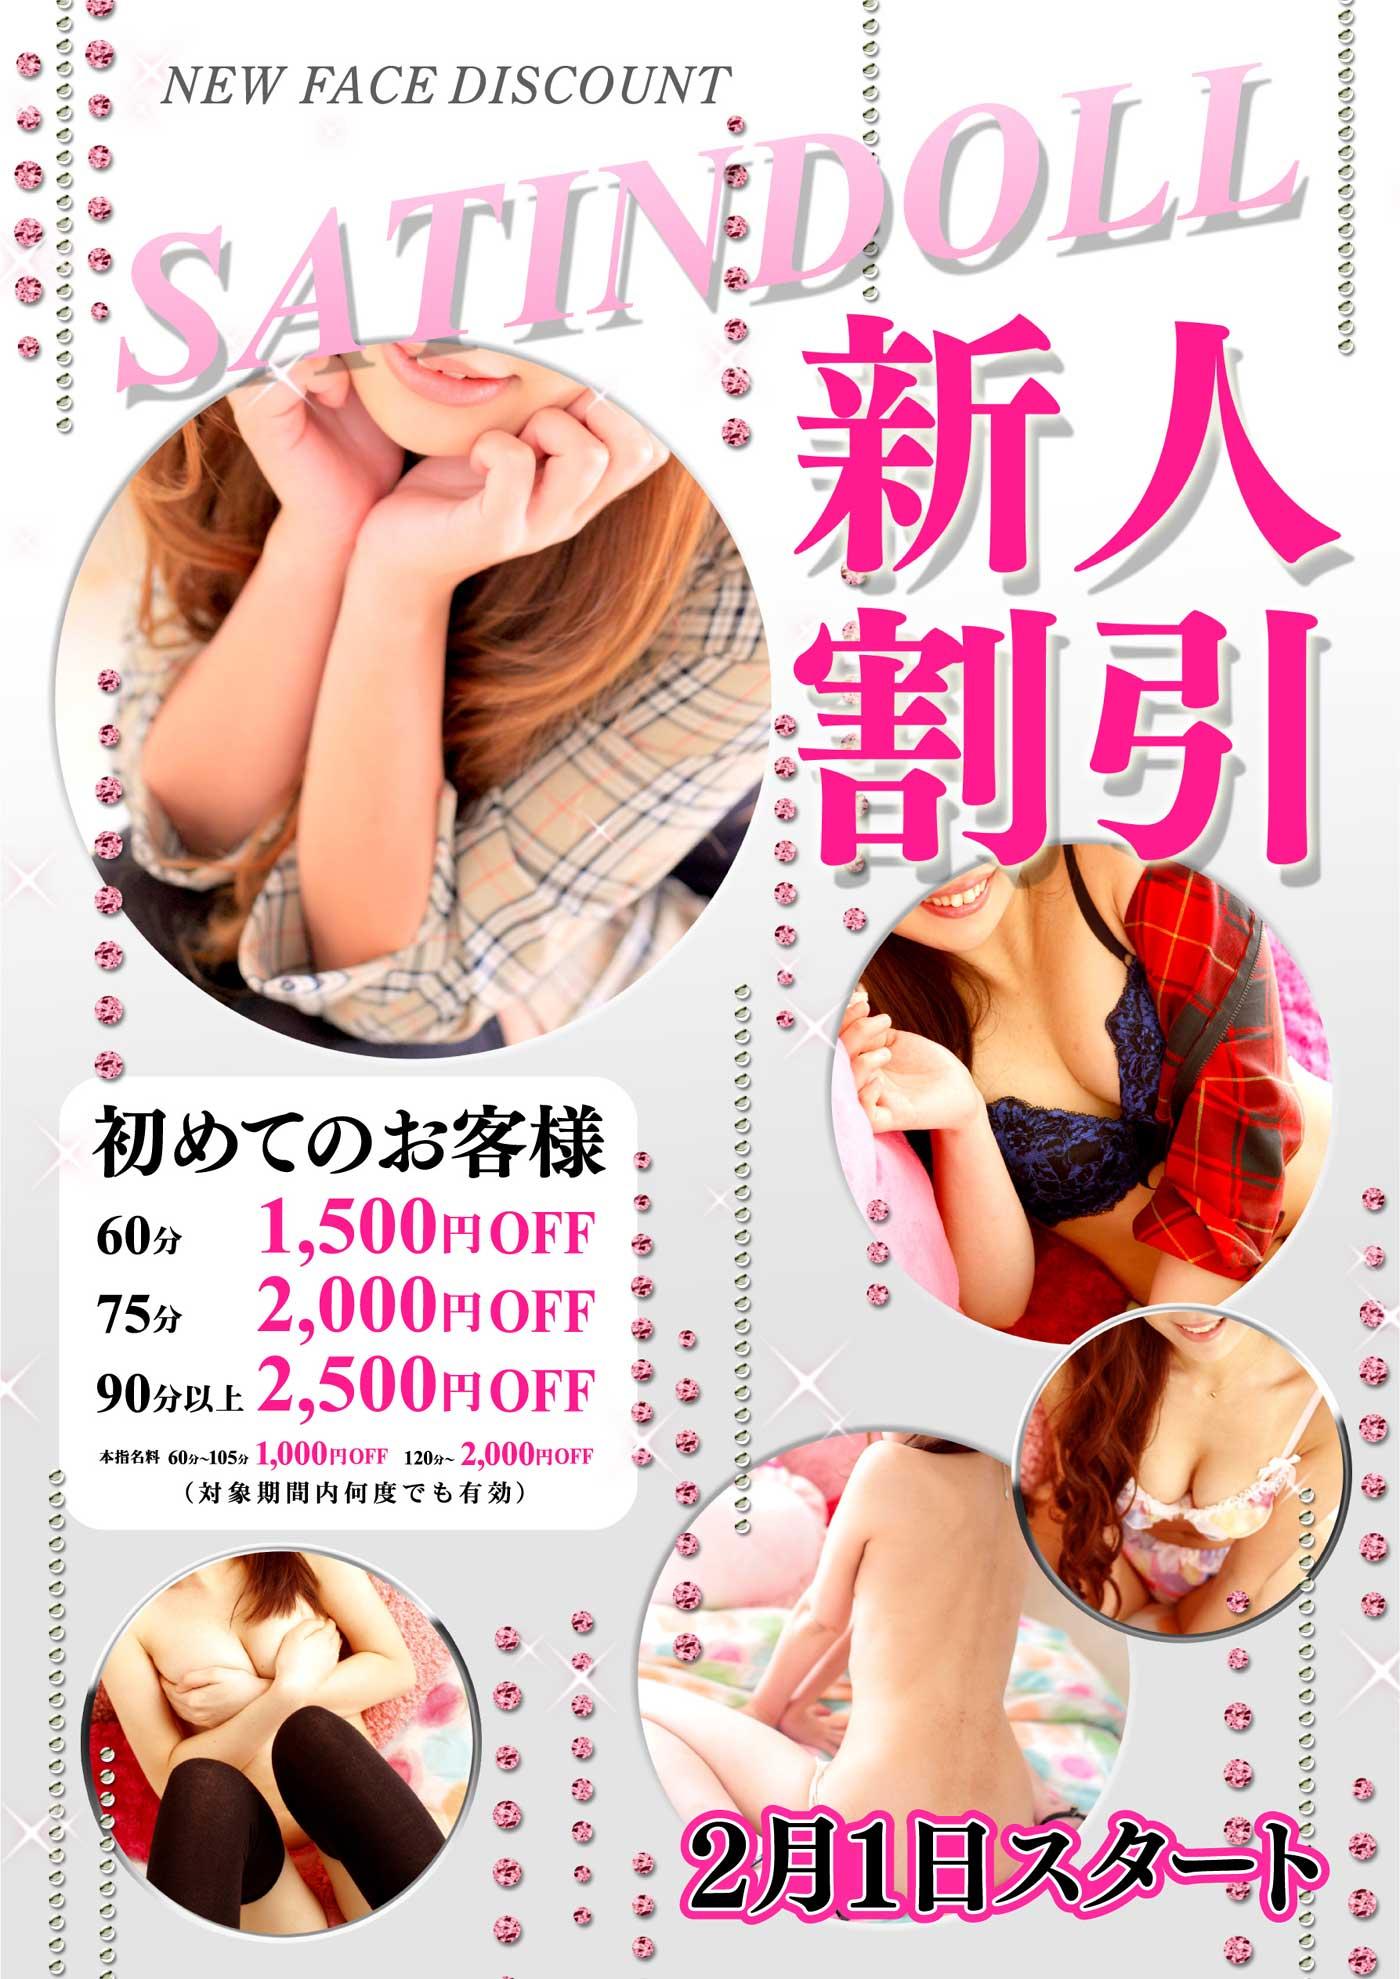 【最大2,500円割引】New 新人割引はお電話予約でも使える!